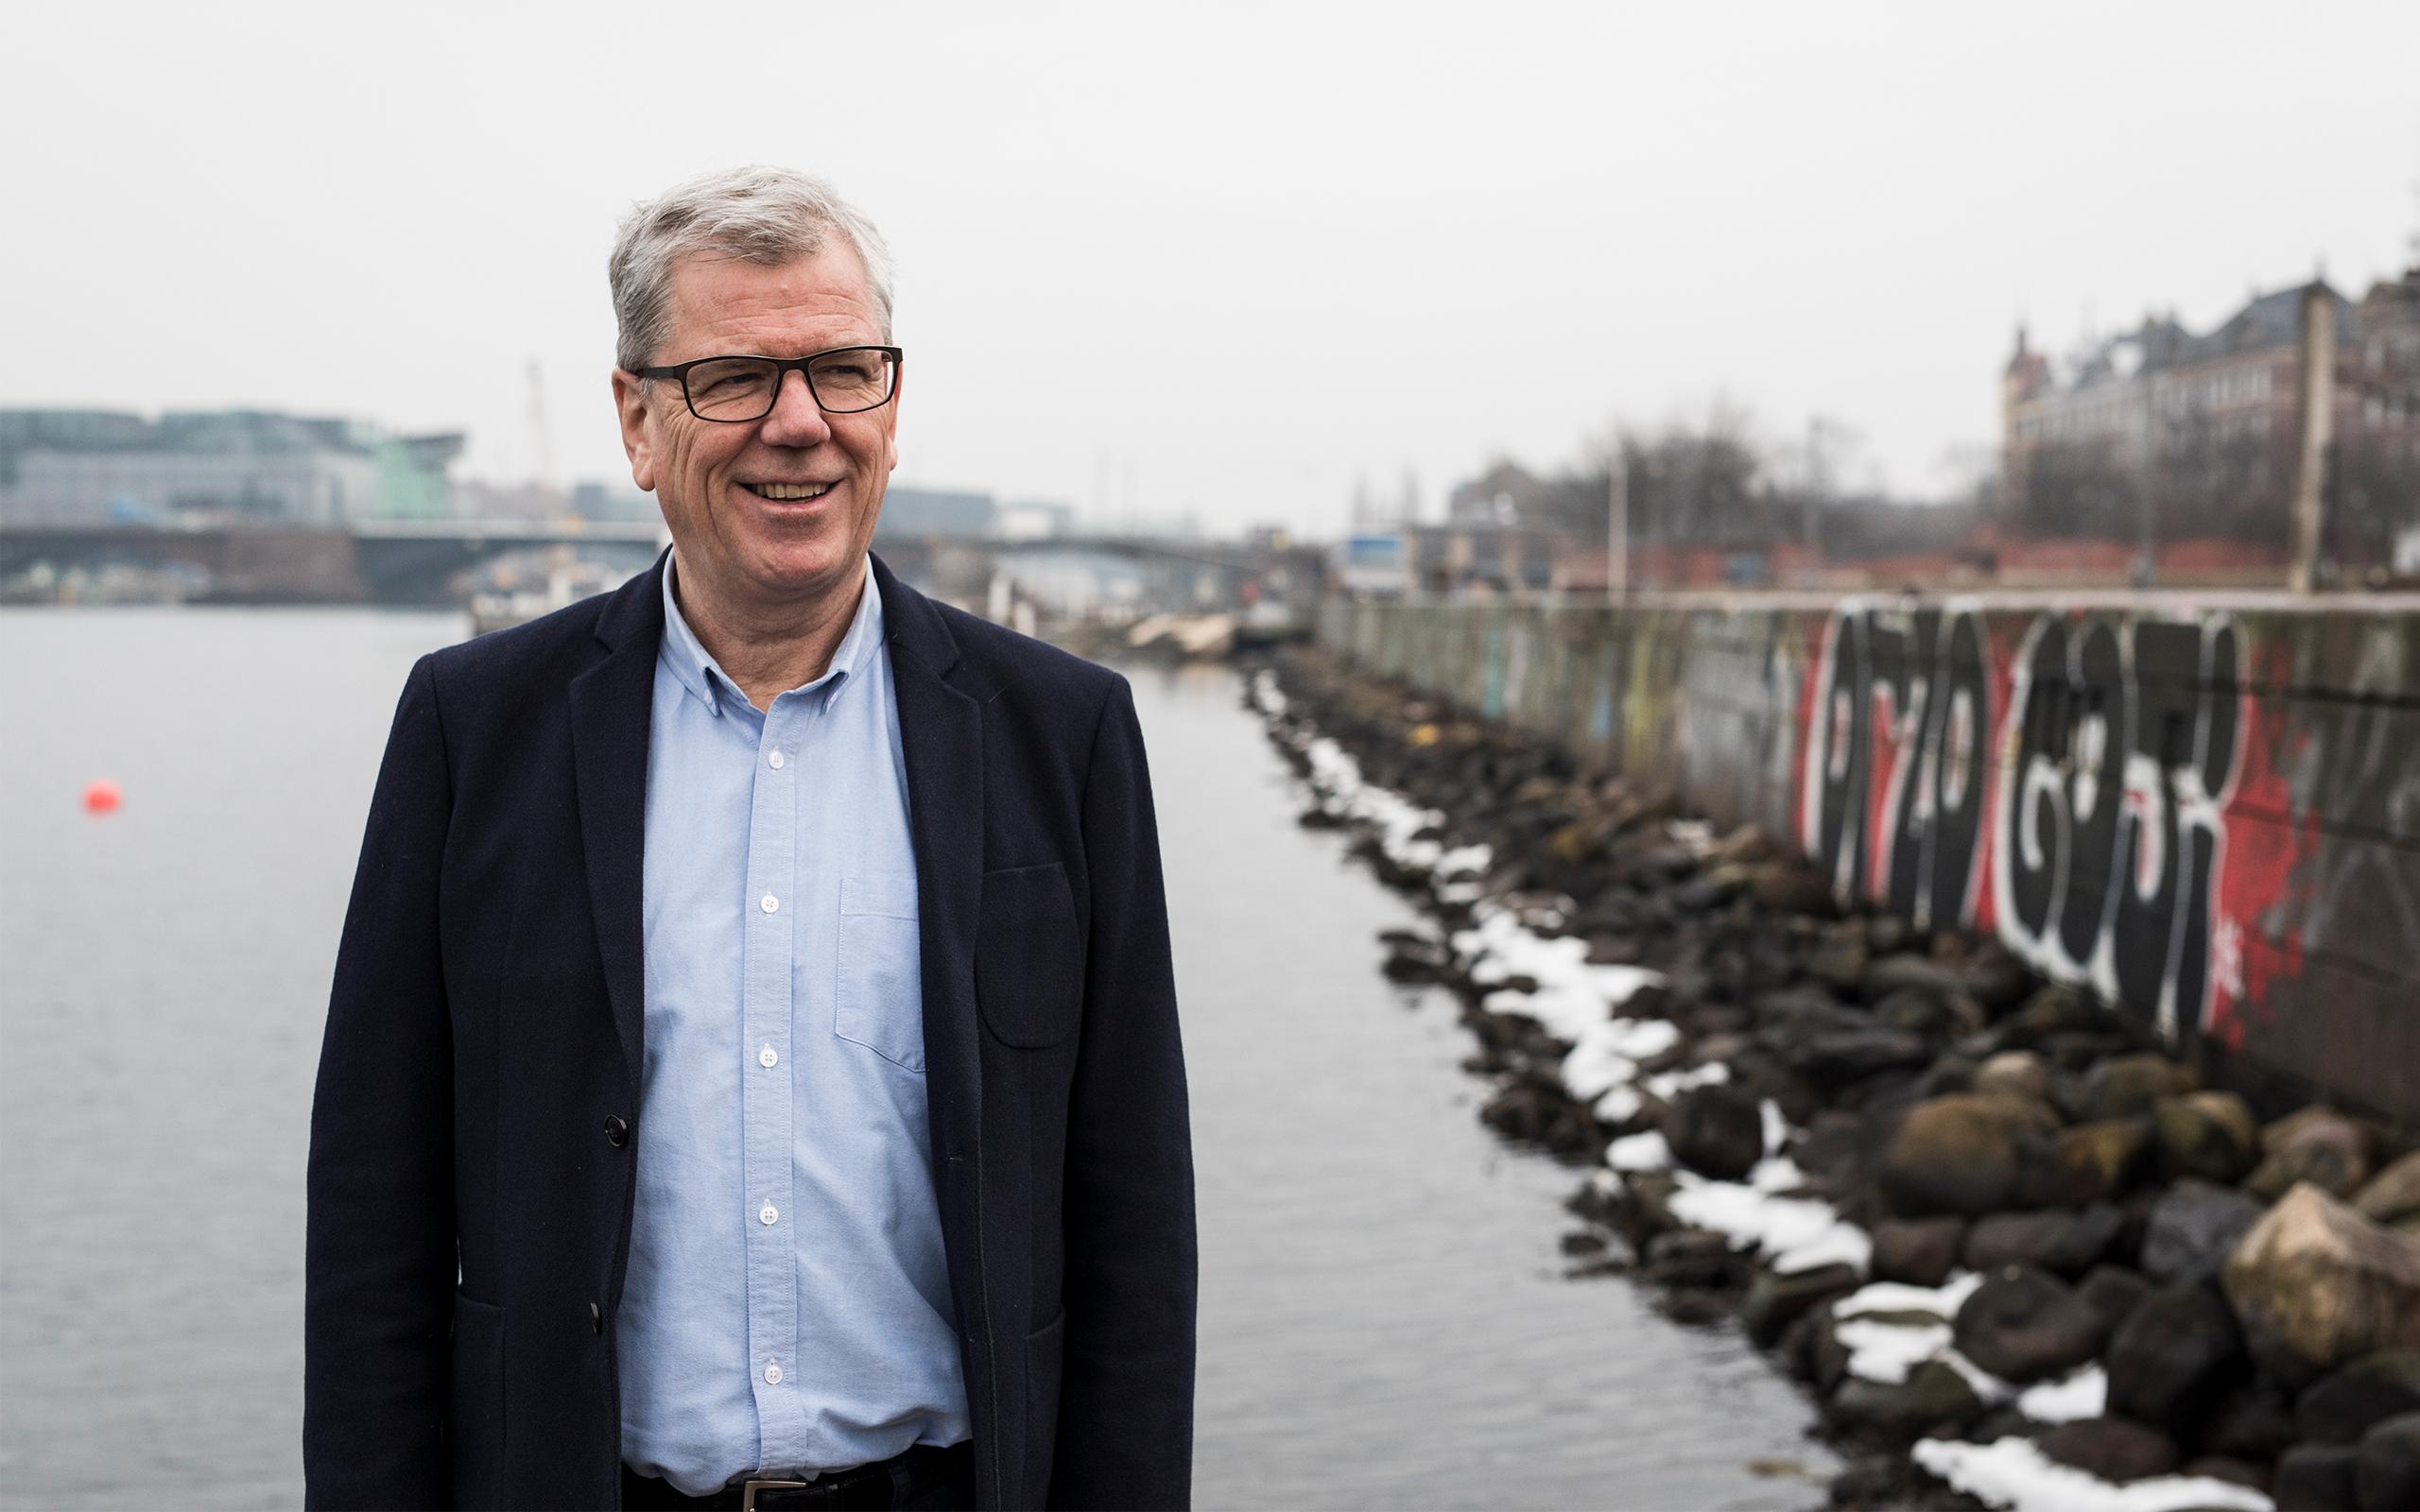 Jan Henriksen ved Islands Brygge i Københavns Havn